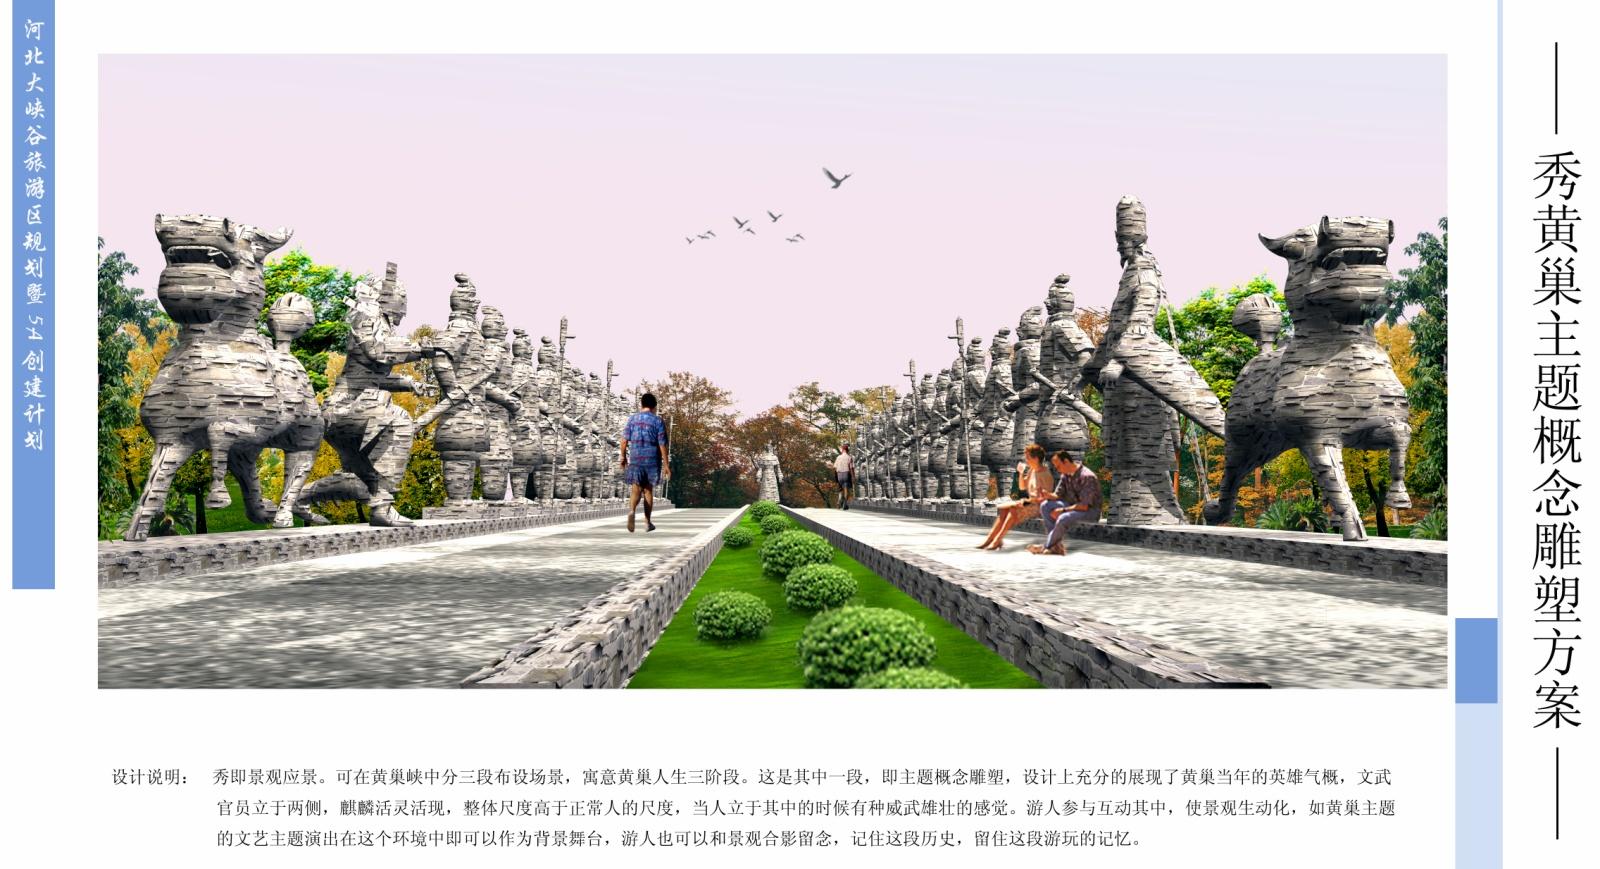 秀黄巢主题概念雕塑方案设计说明_旅游规划,旅游策划